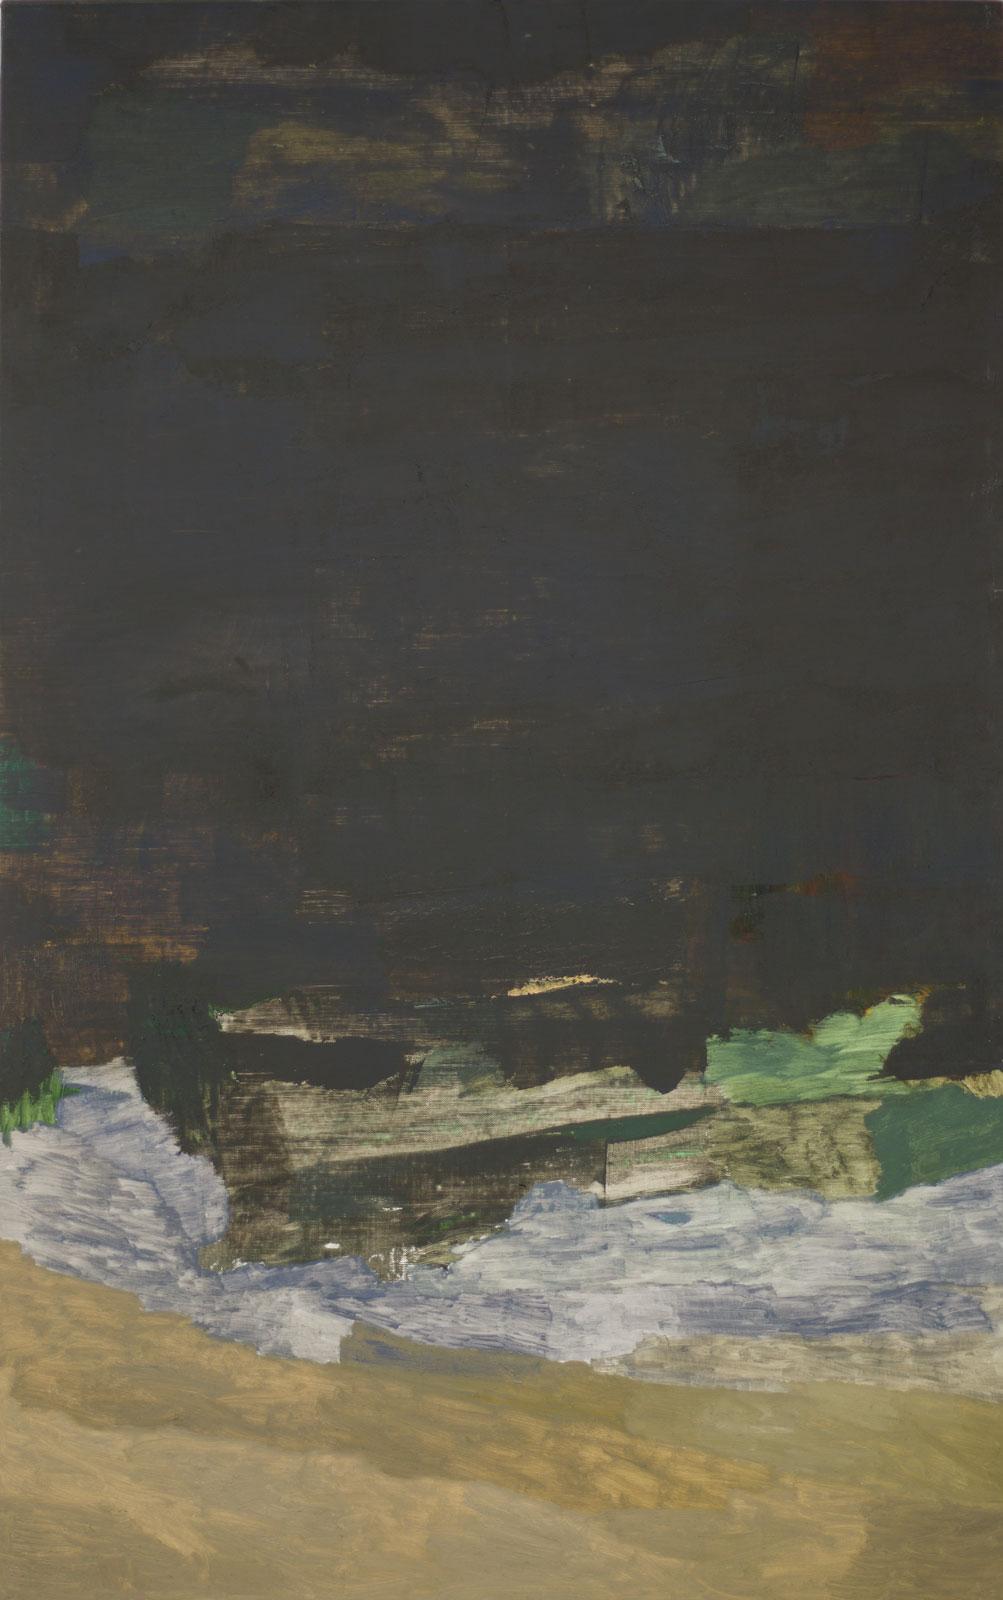 Yacyreta, 2014-2015, oil on canvas, 200 x 125 cm